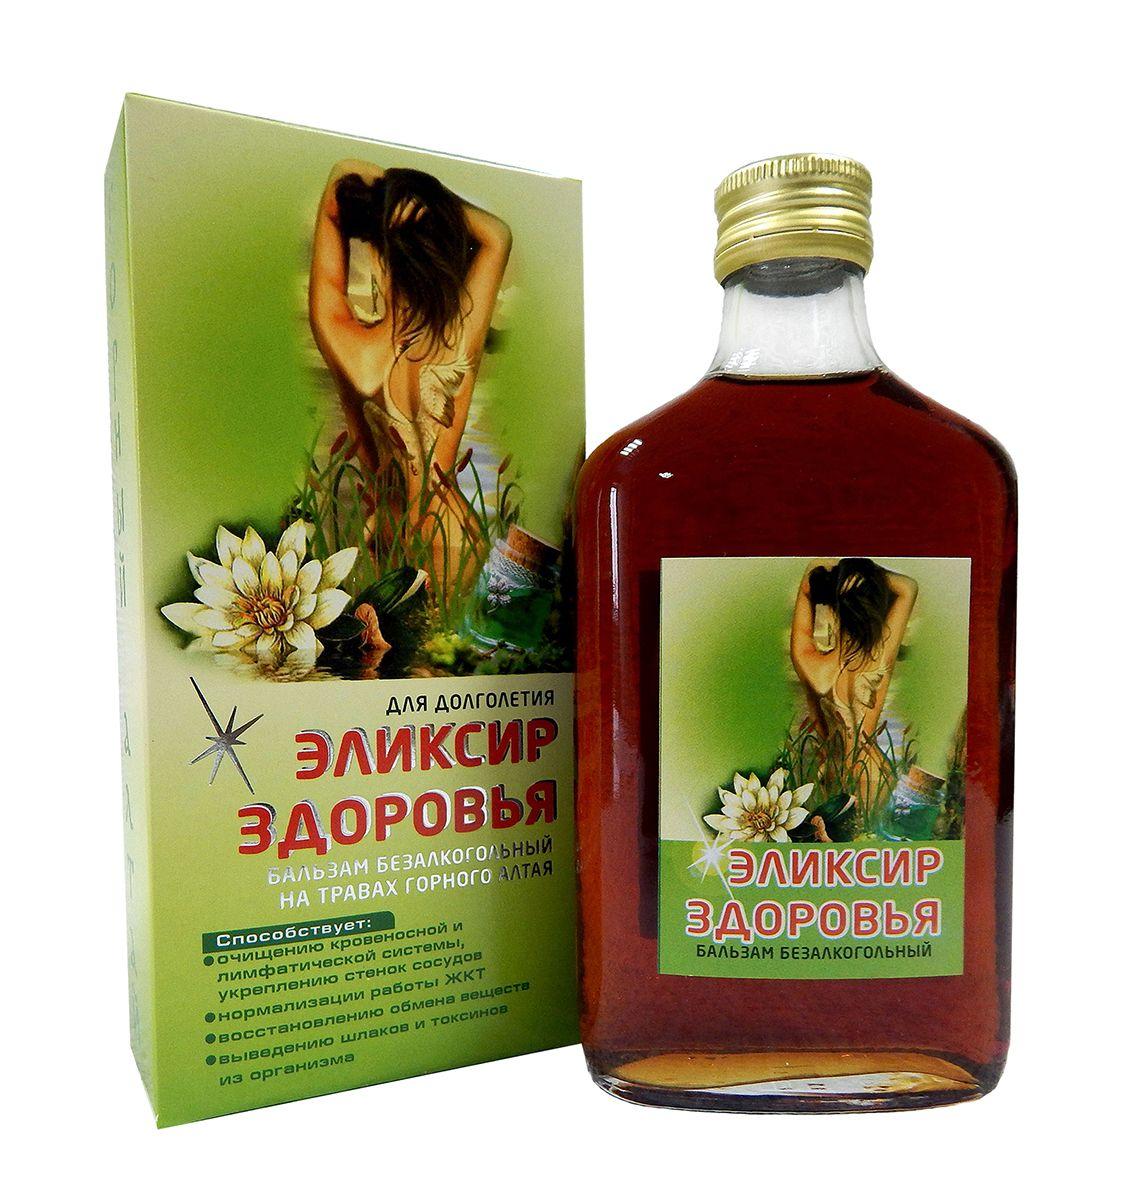 Бальзам безалкогольный Эликсир здоровья (долголетие) 250 мл